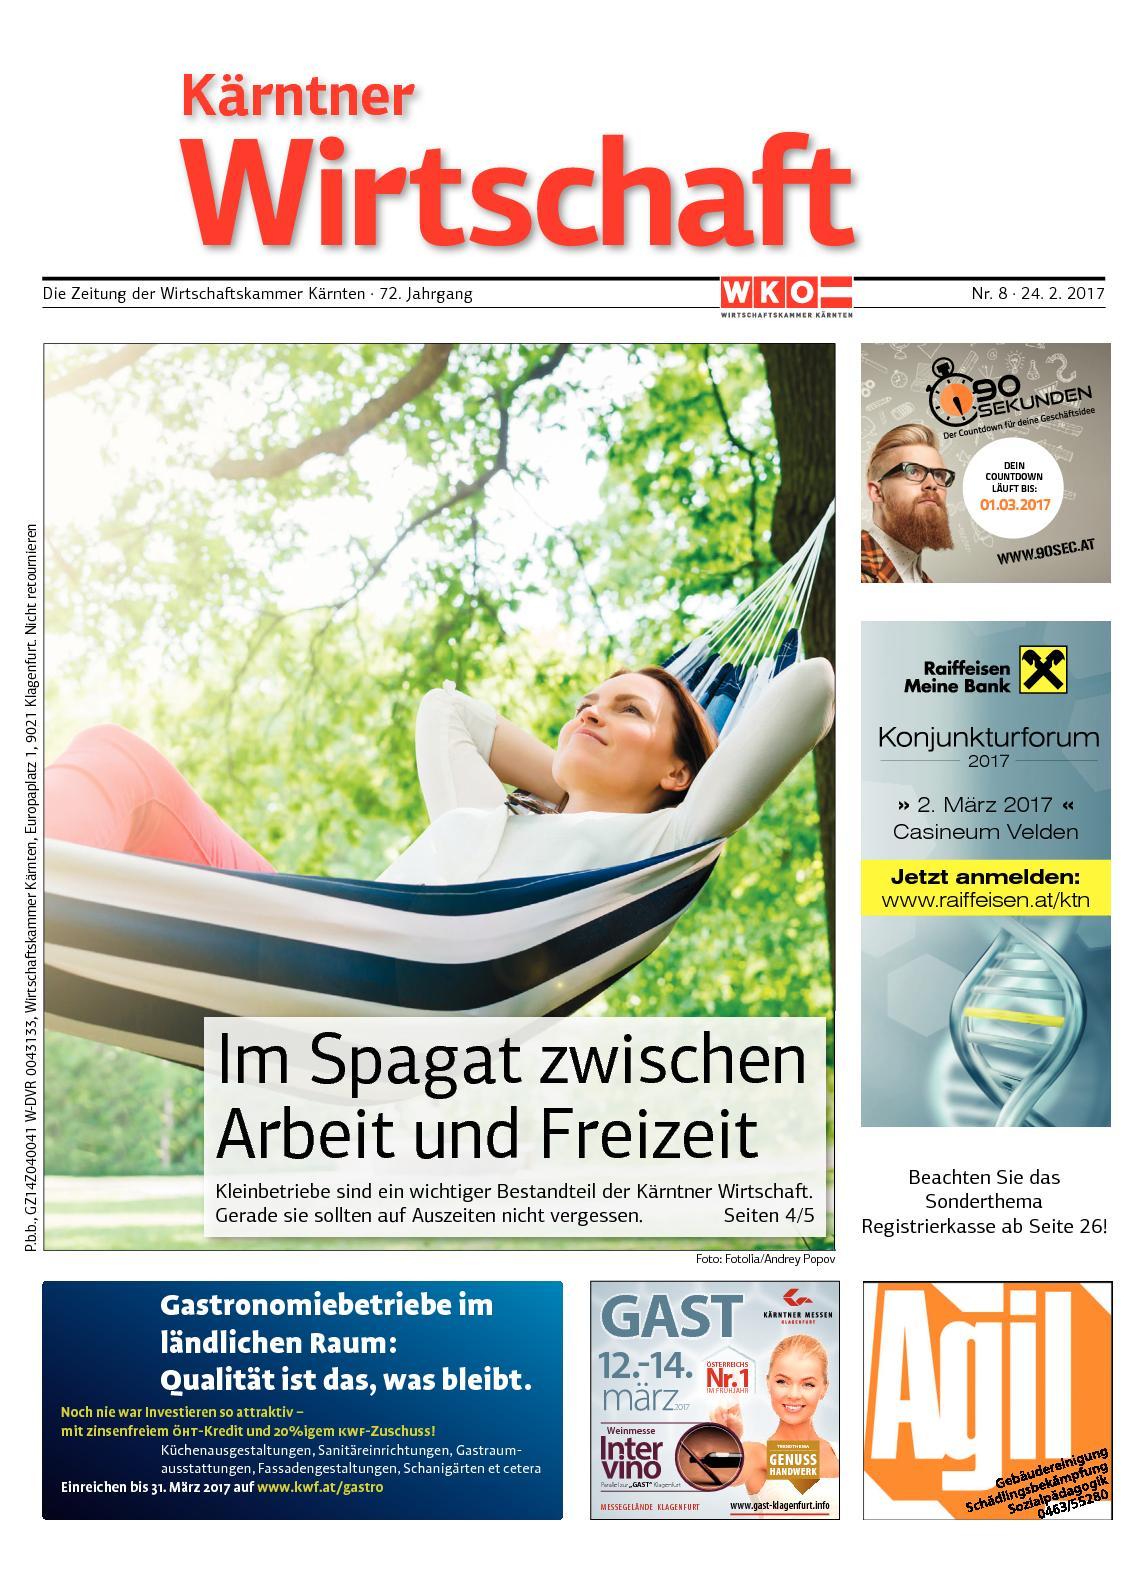 Partnervermittlung aus bad waltersdorf, Rottenmann